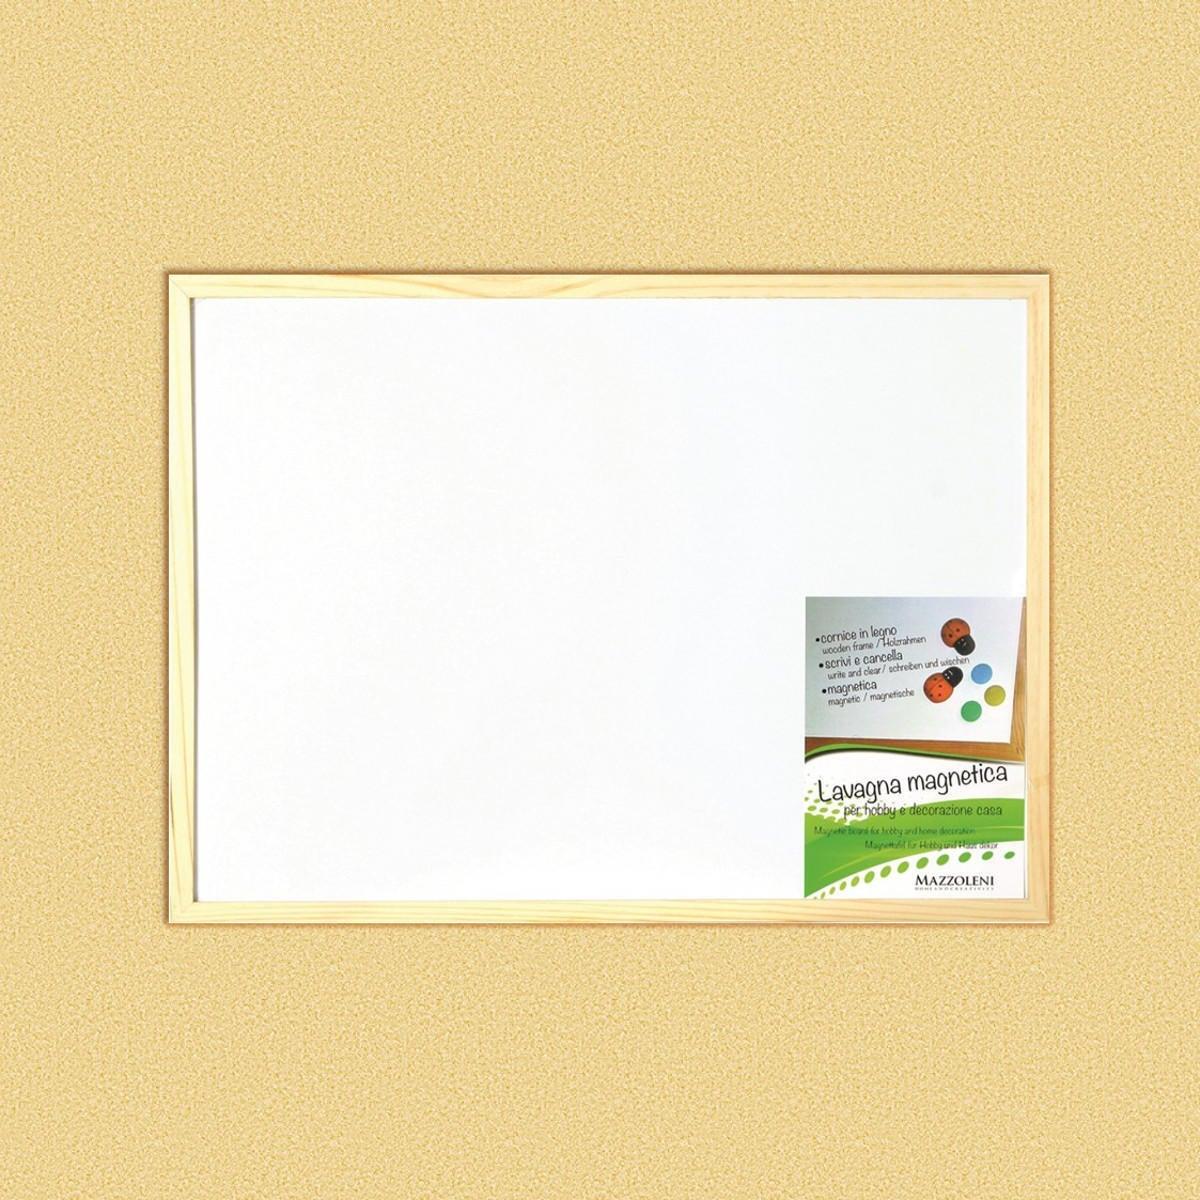 Lavagna magnetica cancellabile Cornice legno naturale 90x60 cm - 2